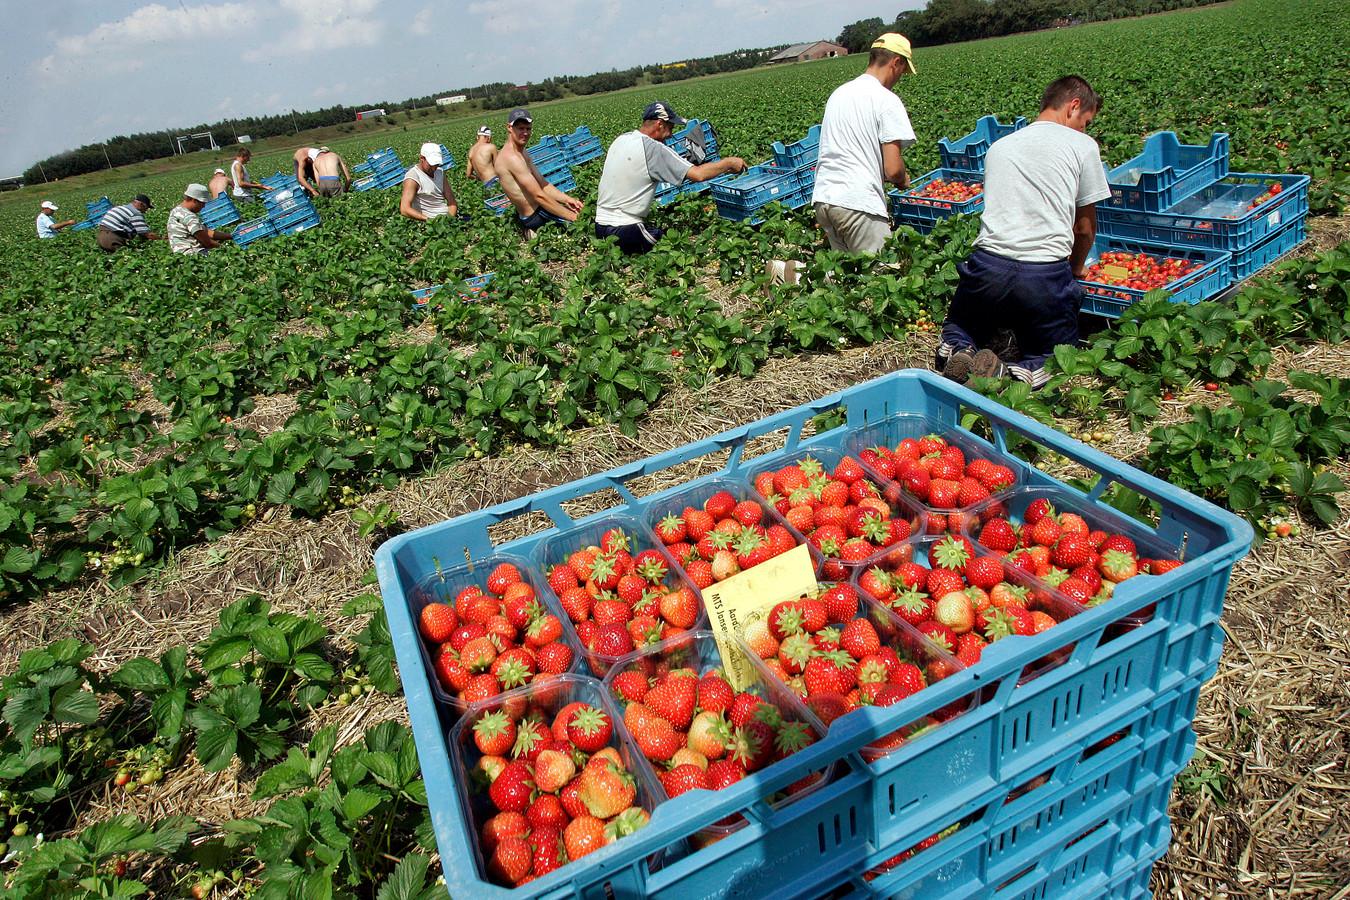 Zo'n 50 Roemeense contractanten plukken de aardbeienvelden leeg in een tropische hitte. Ze moeten allemaal een zorgverzekering hebben, al werken ze hier tijdelijk